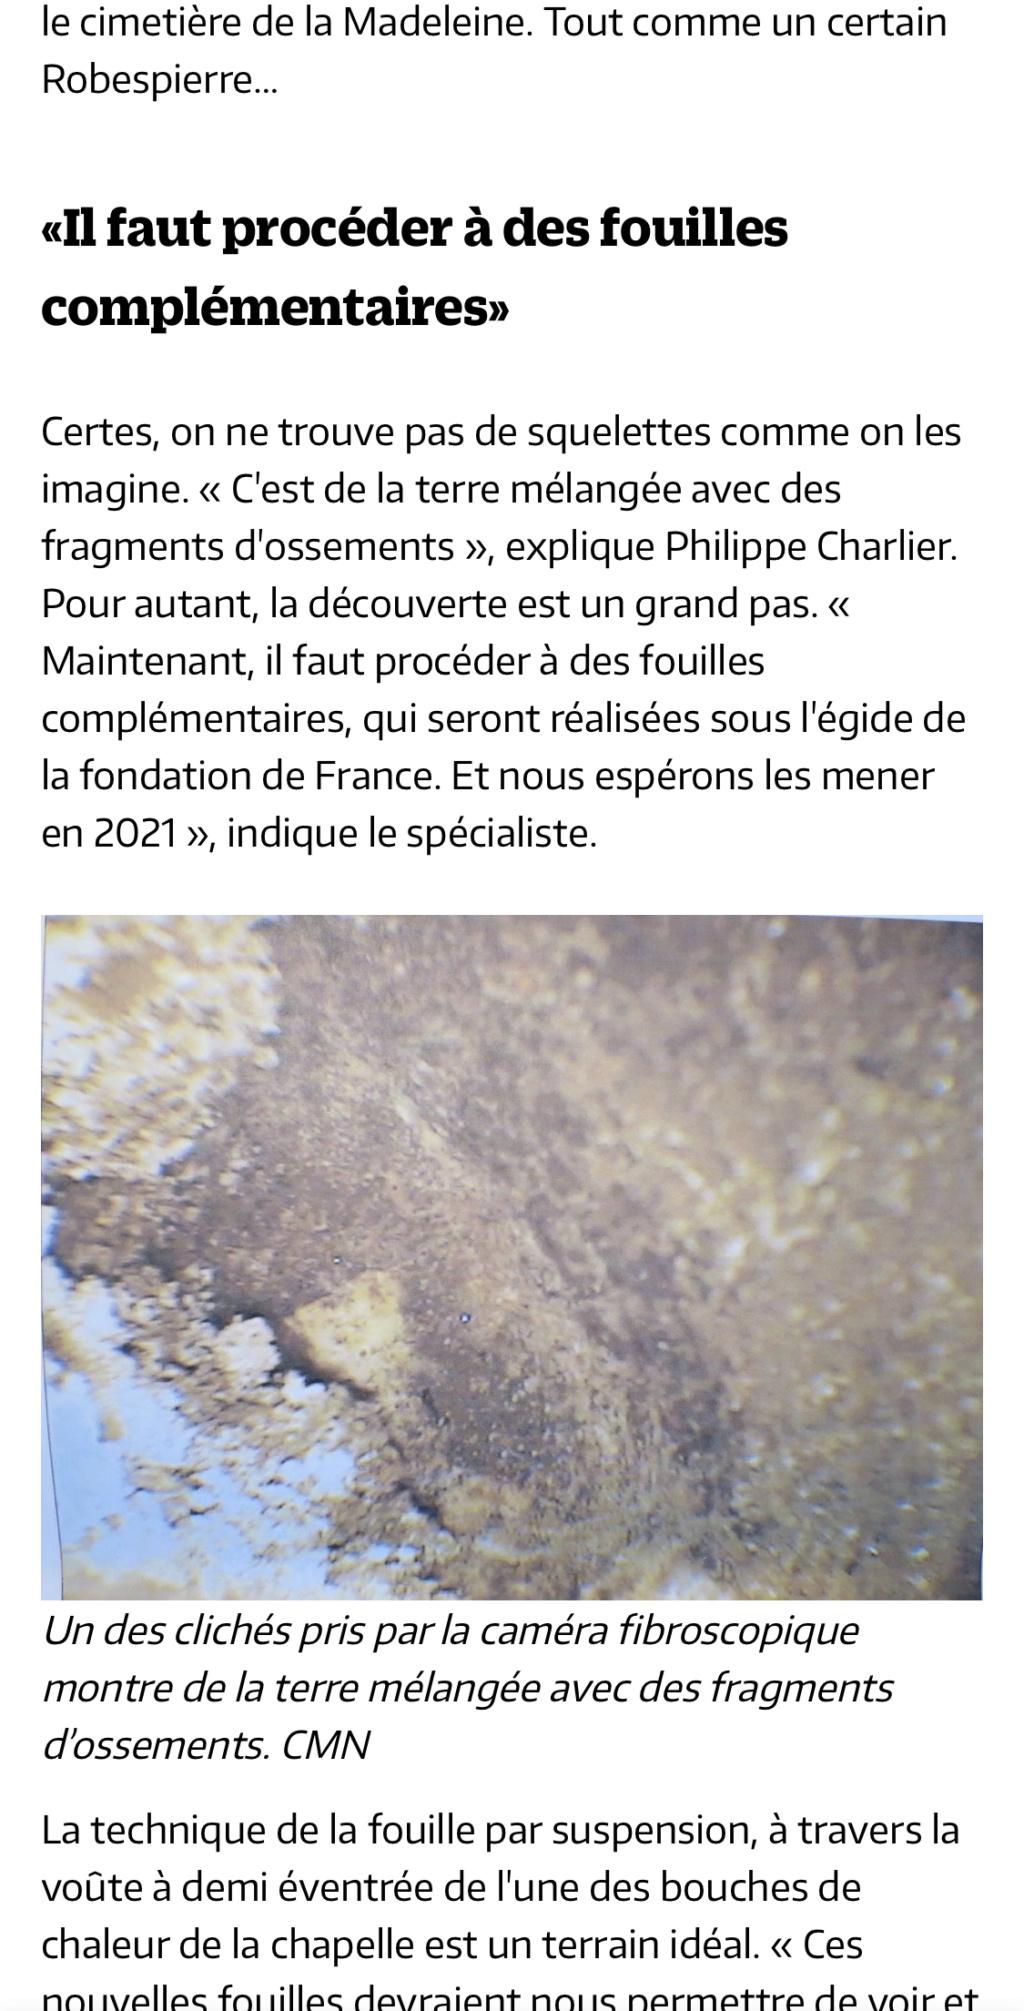 La chapelle expiatoire du square Louis XVI, à Paris - Page 3 A6ac5510